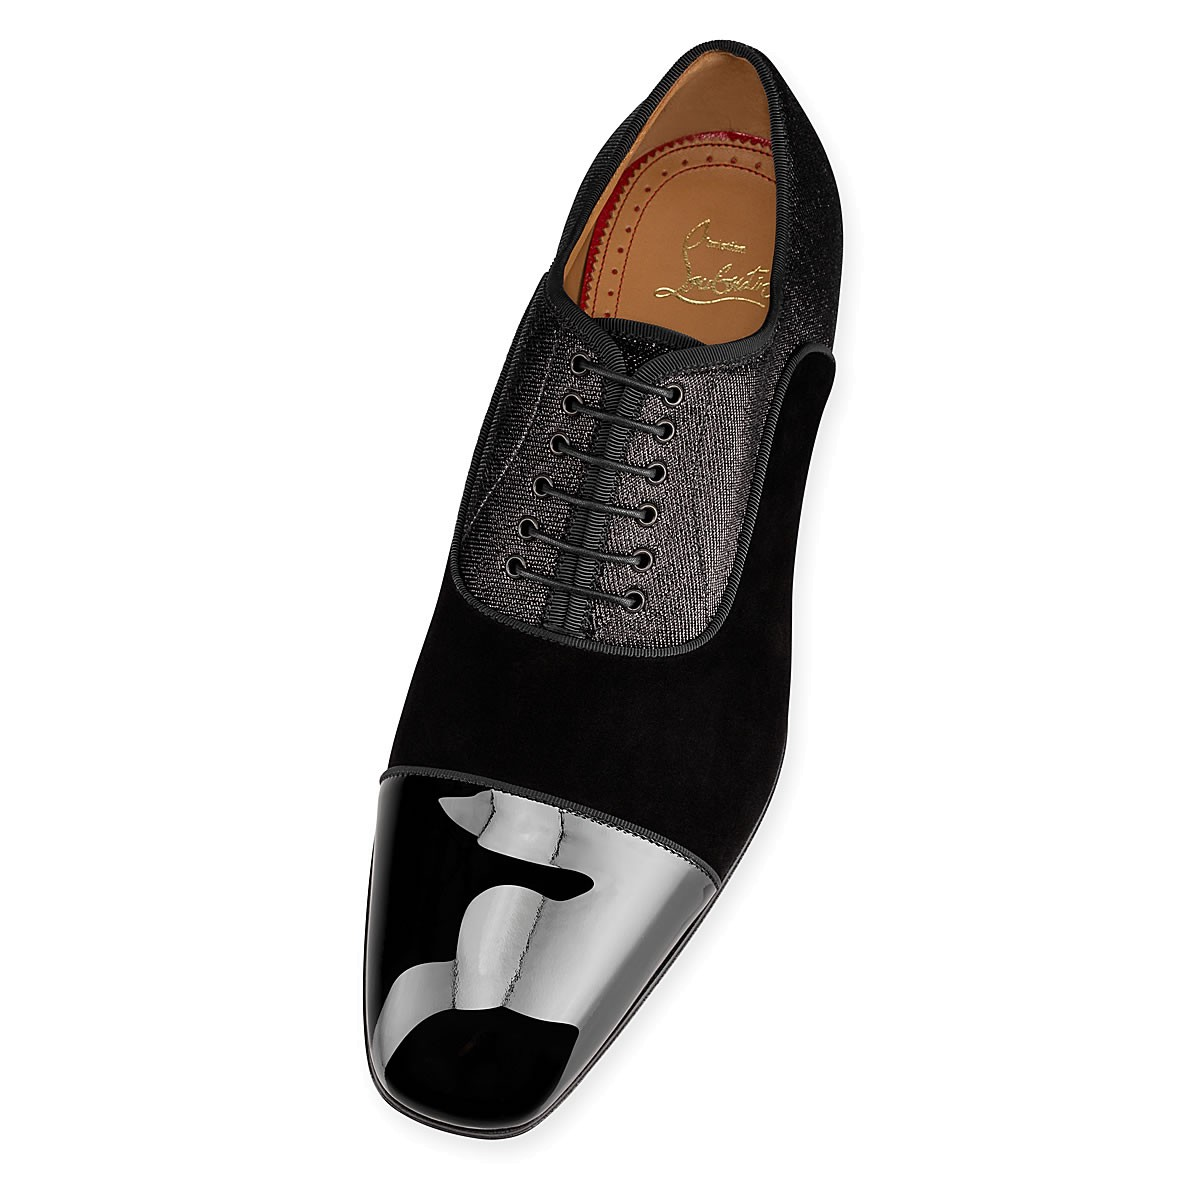 Men Shoes - Greggo Flat - Christian Louboutin